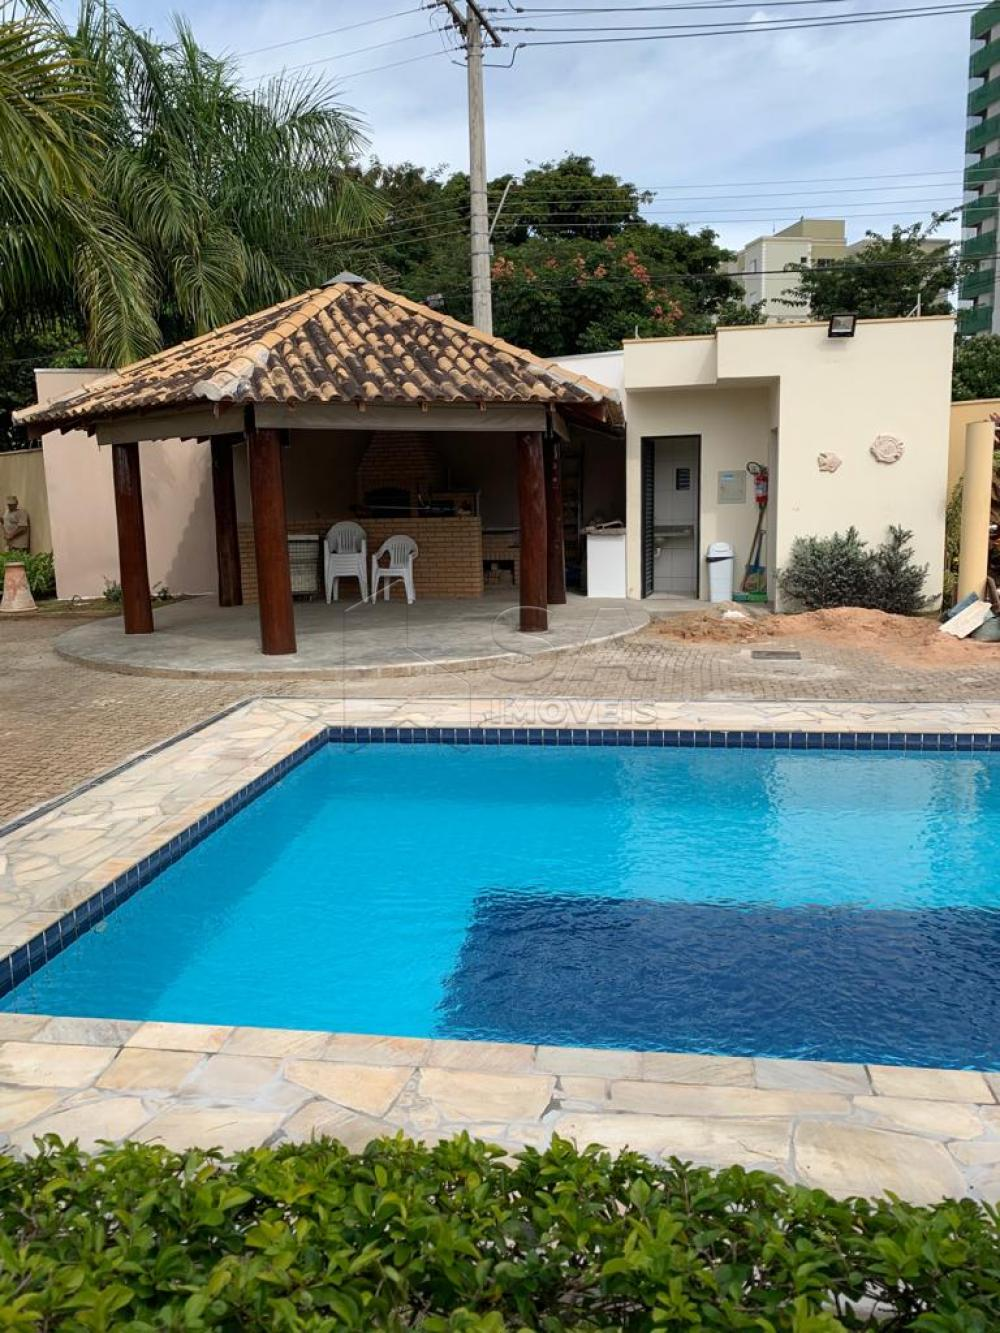 Comprar Apartamento / Padrão em São Carlos apenas R$ 300.000,00 - Foto 11